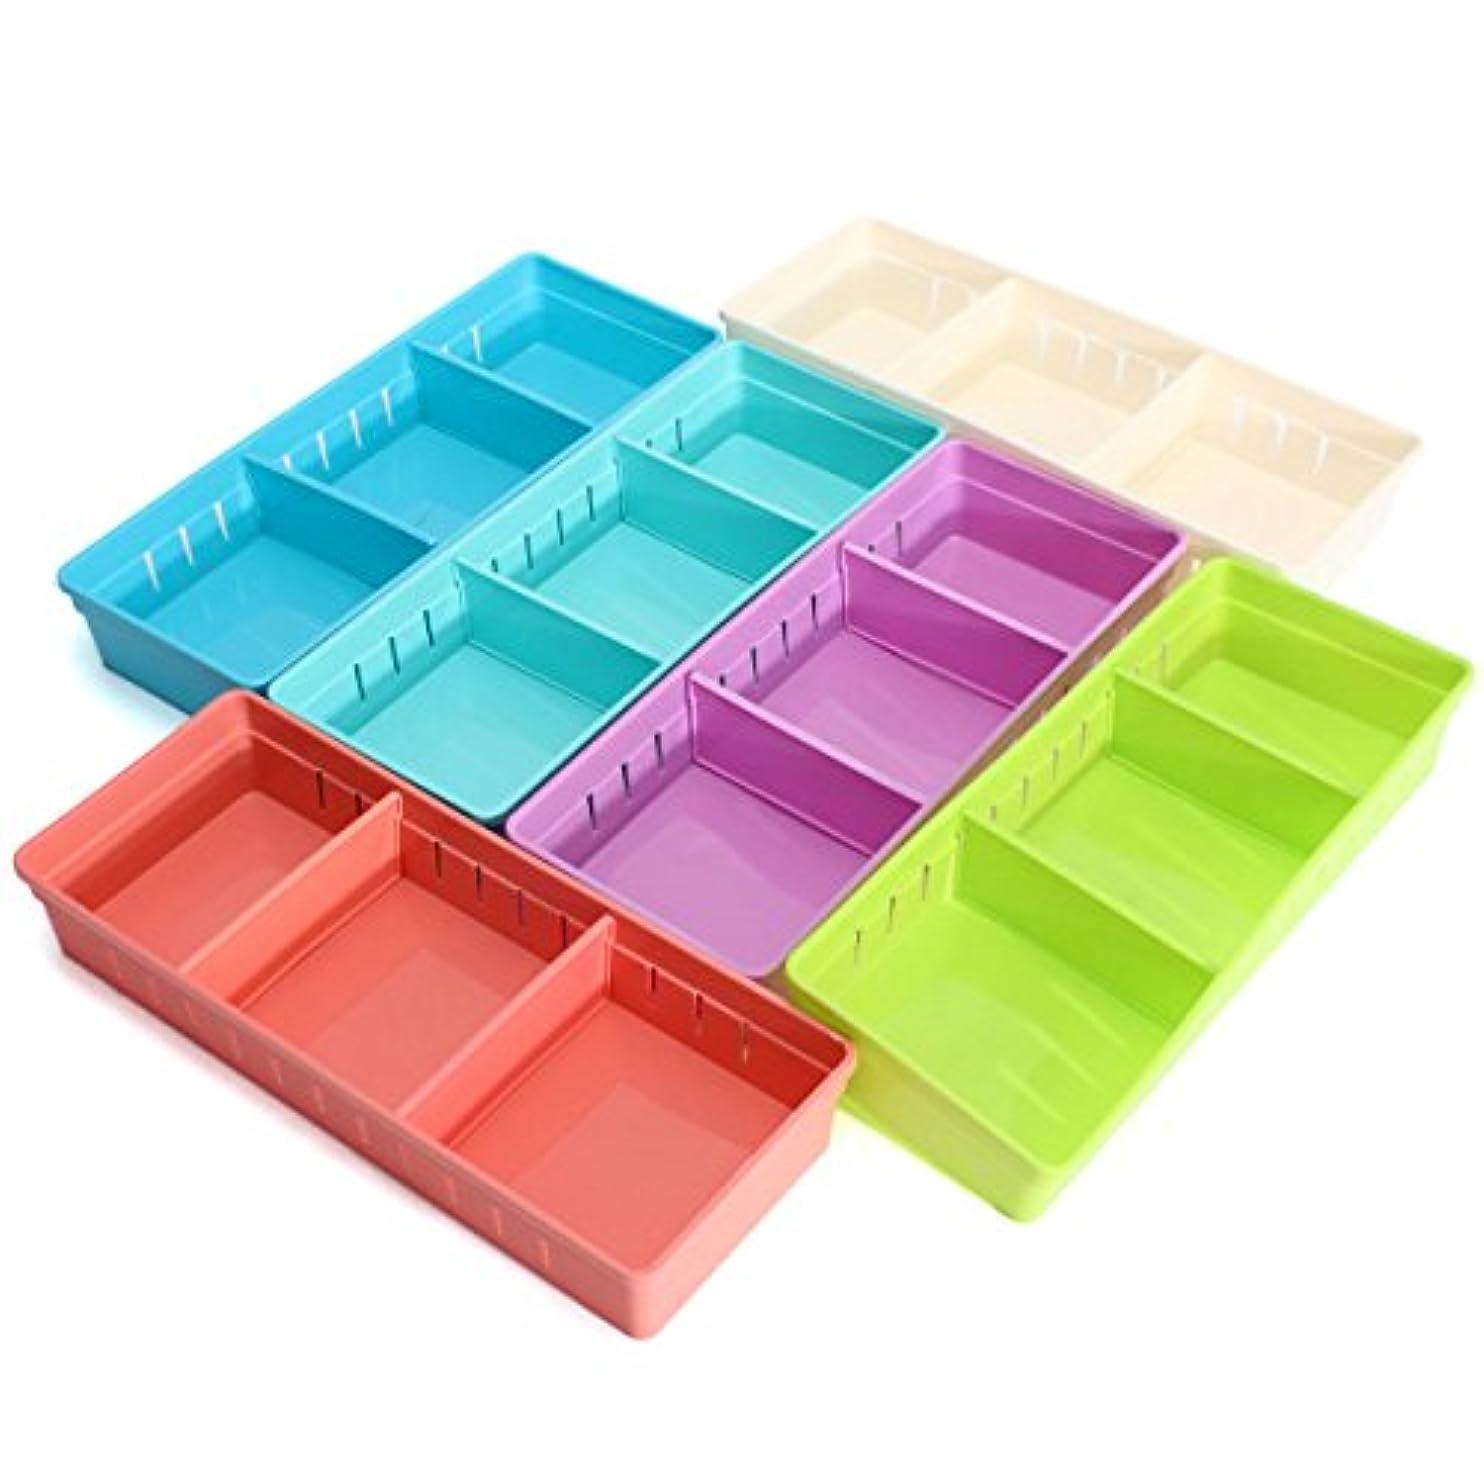 ほうきシーケンス韻YZUEYT 調整可能なメイクアップ収納ボックス引き出しホームキッチンオフィスSupplie鉛筆ジュエリーオーガナイザー YZUEYT (Color : Color Yellow)